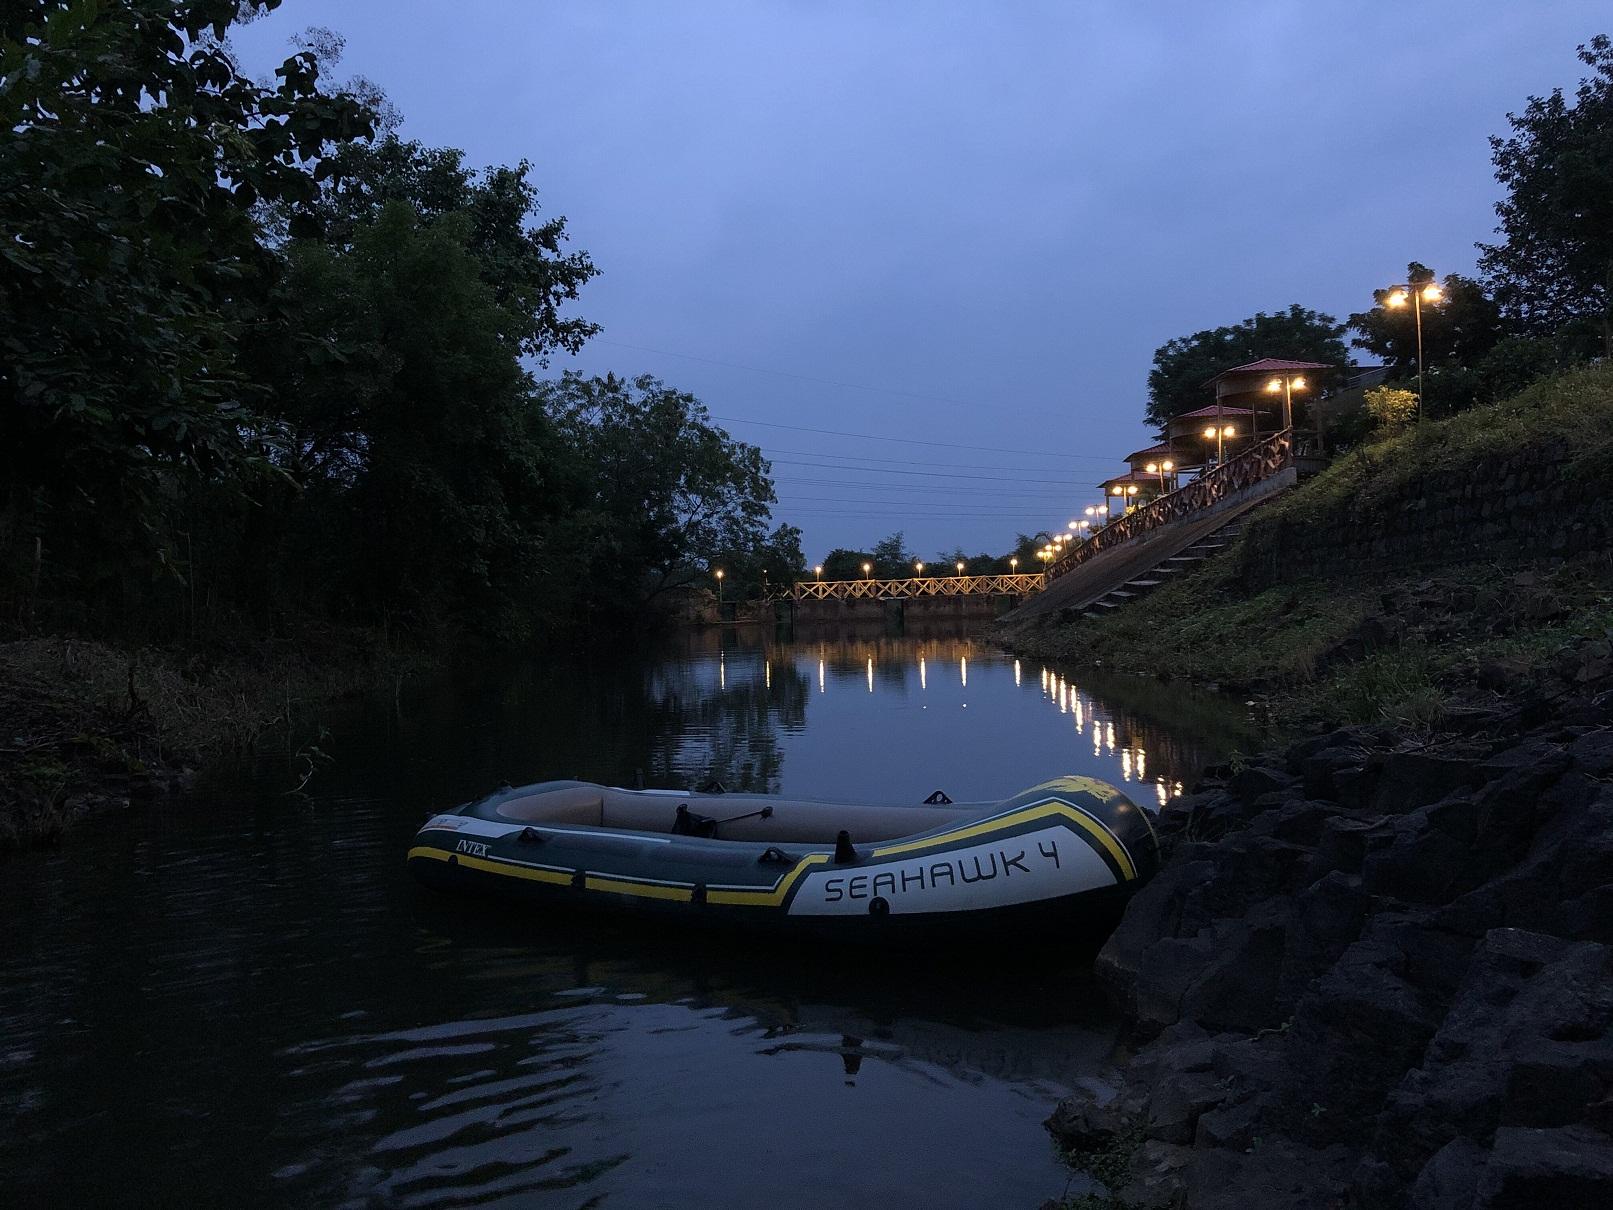 Evening view of the Ashram